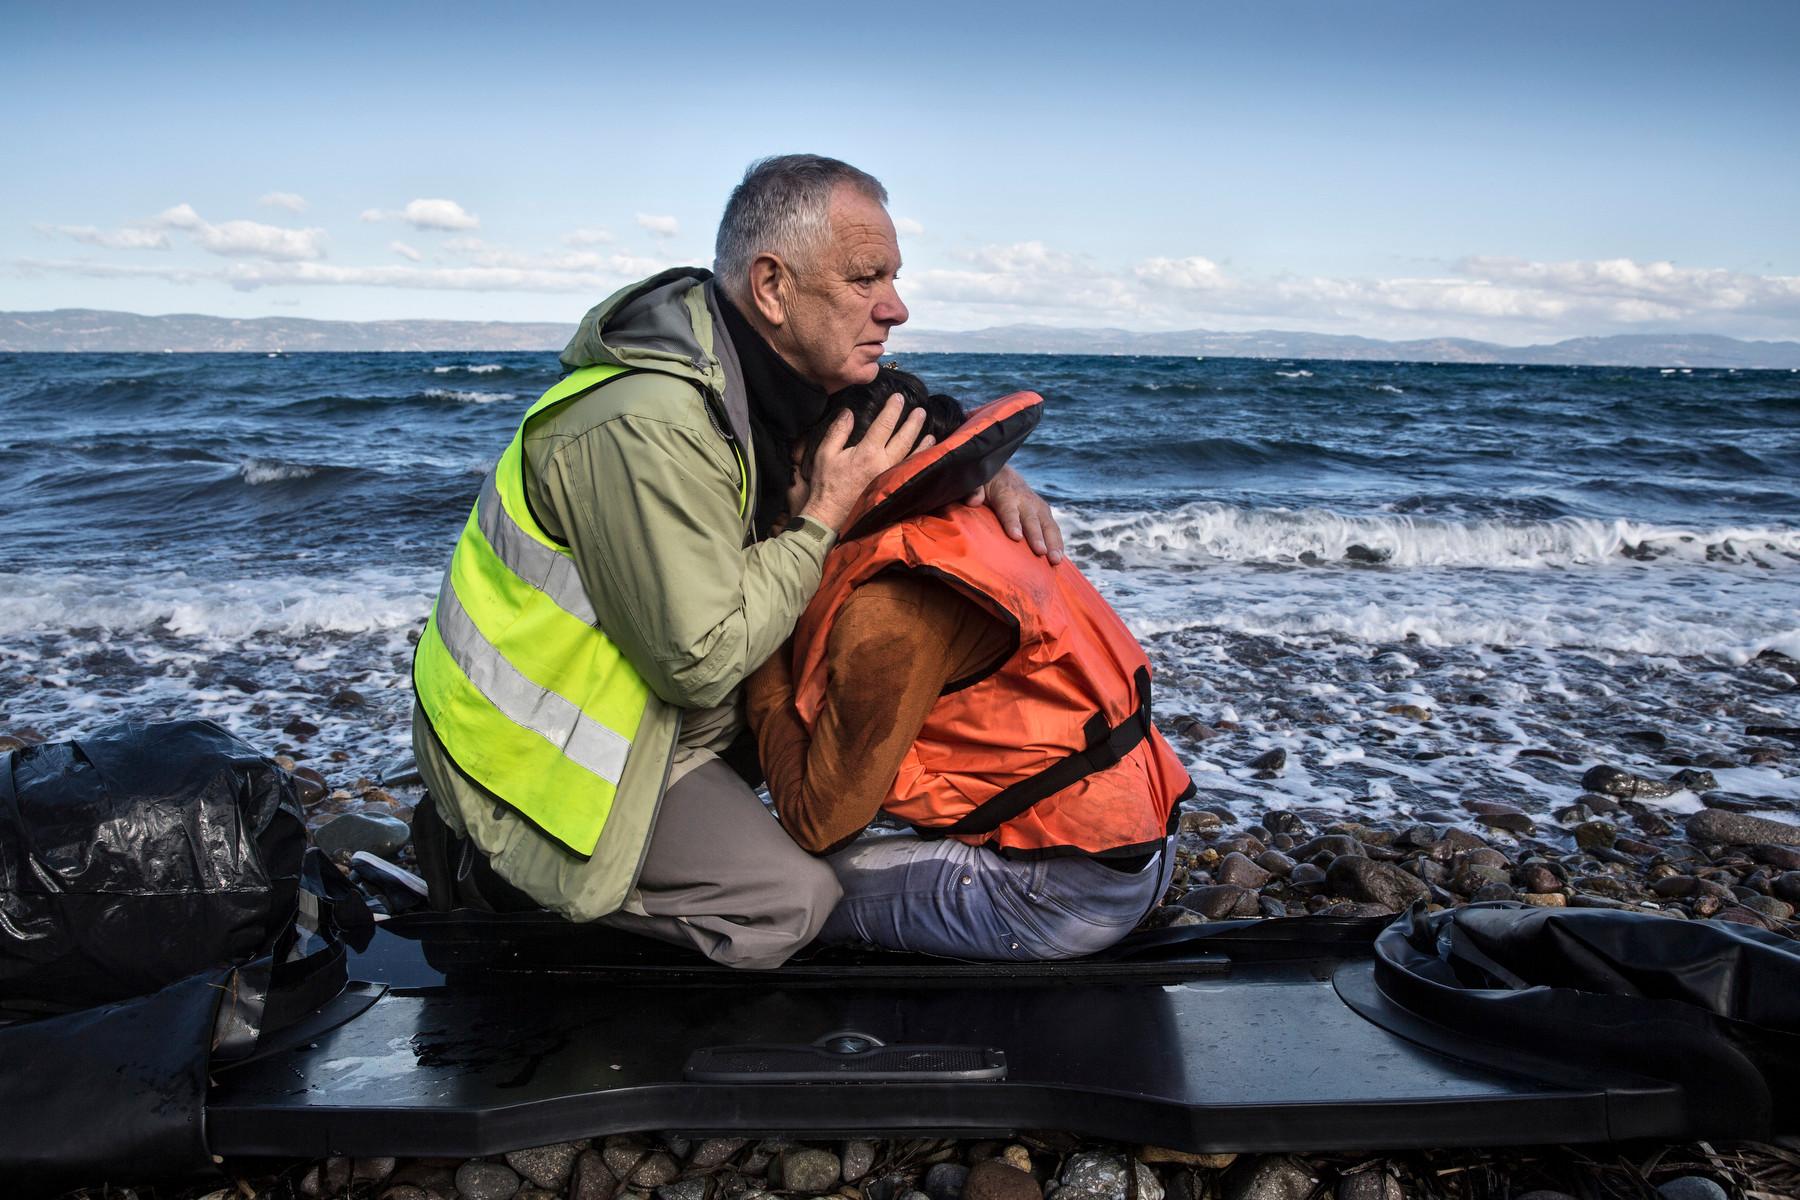 Voluntario consolando a una mujer refugiada recién llegada a Lesbos (2015). Paula Bronstein/Getty Images.